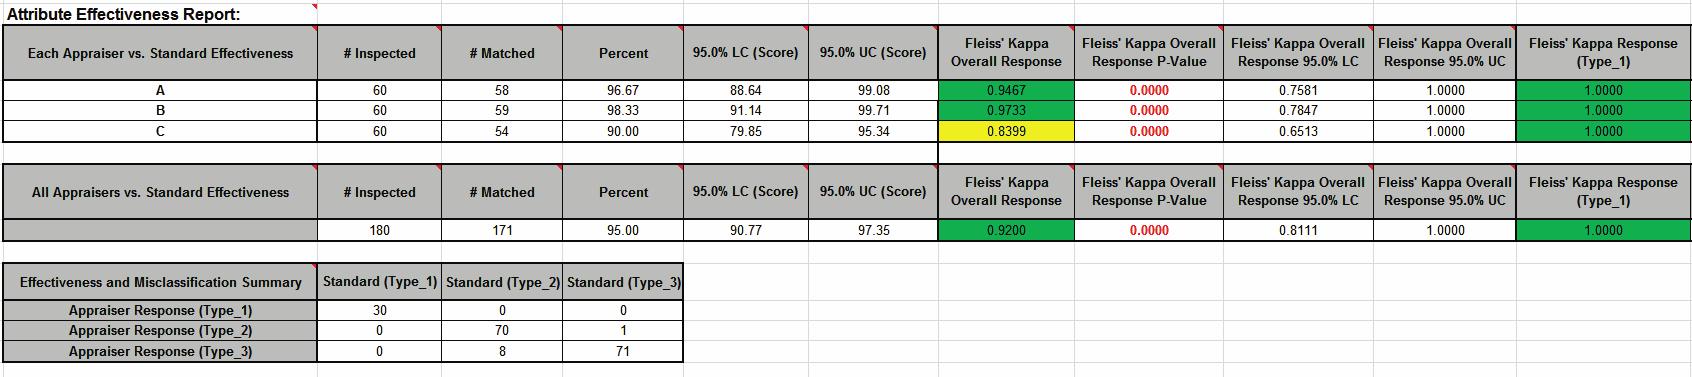 Sigmaxl Attribute Msa Reports In Excel Using Sigmaxl